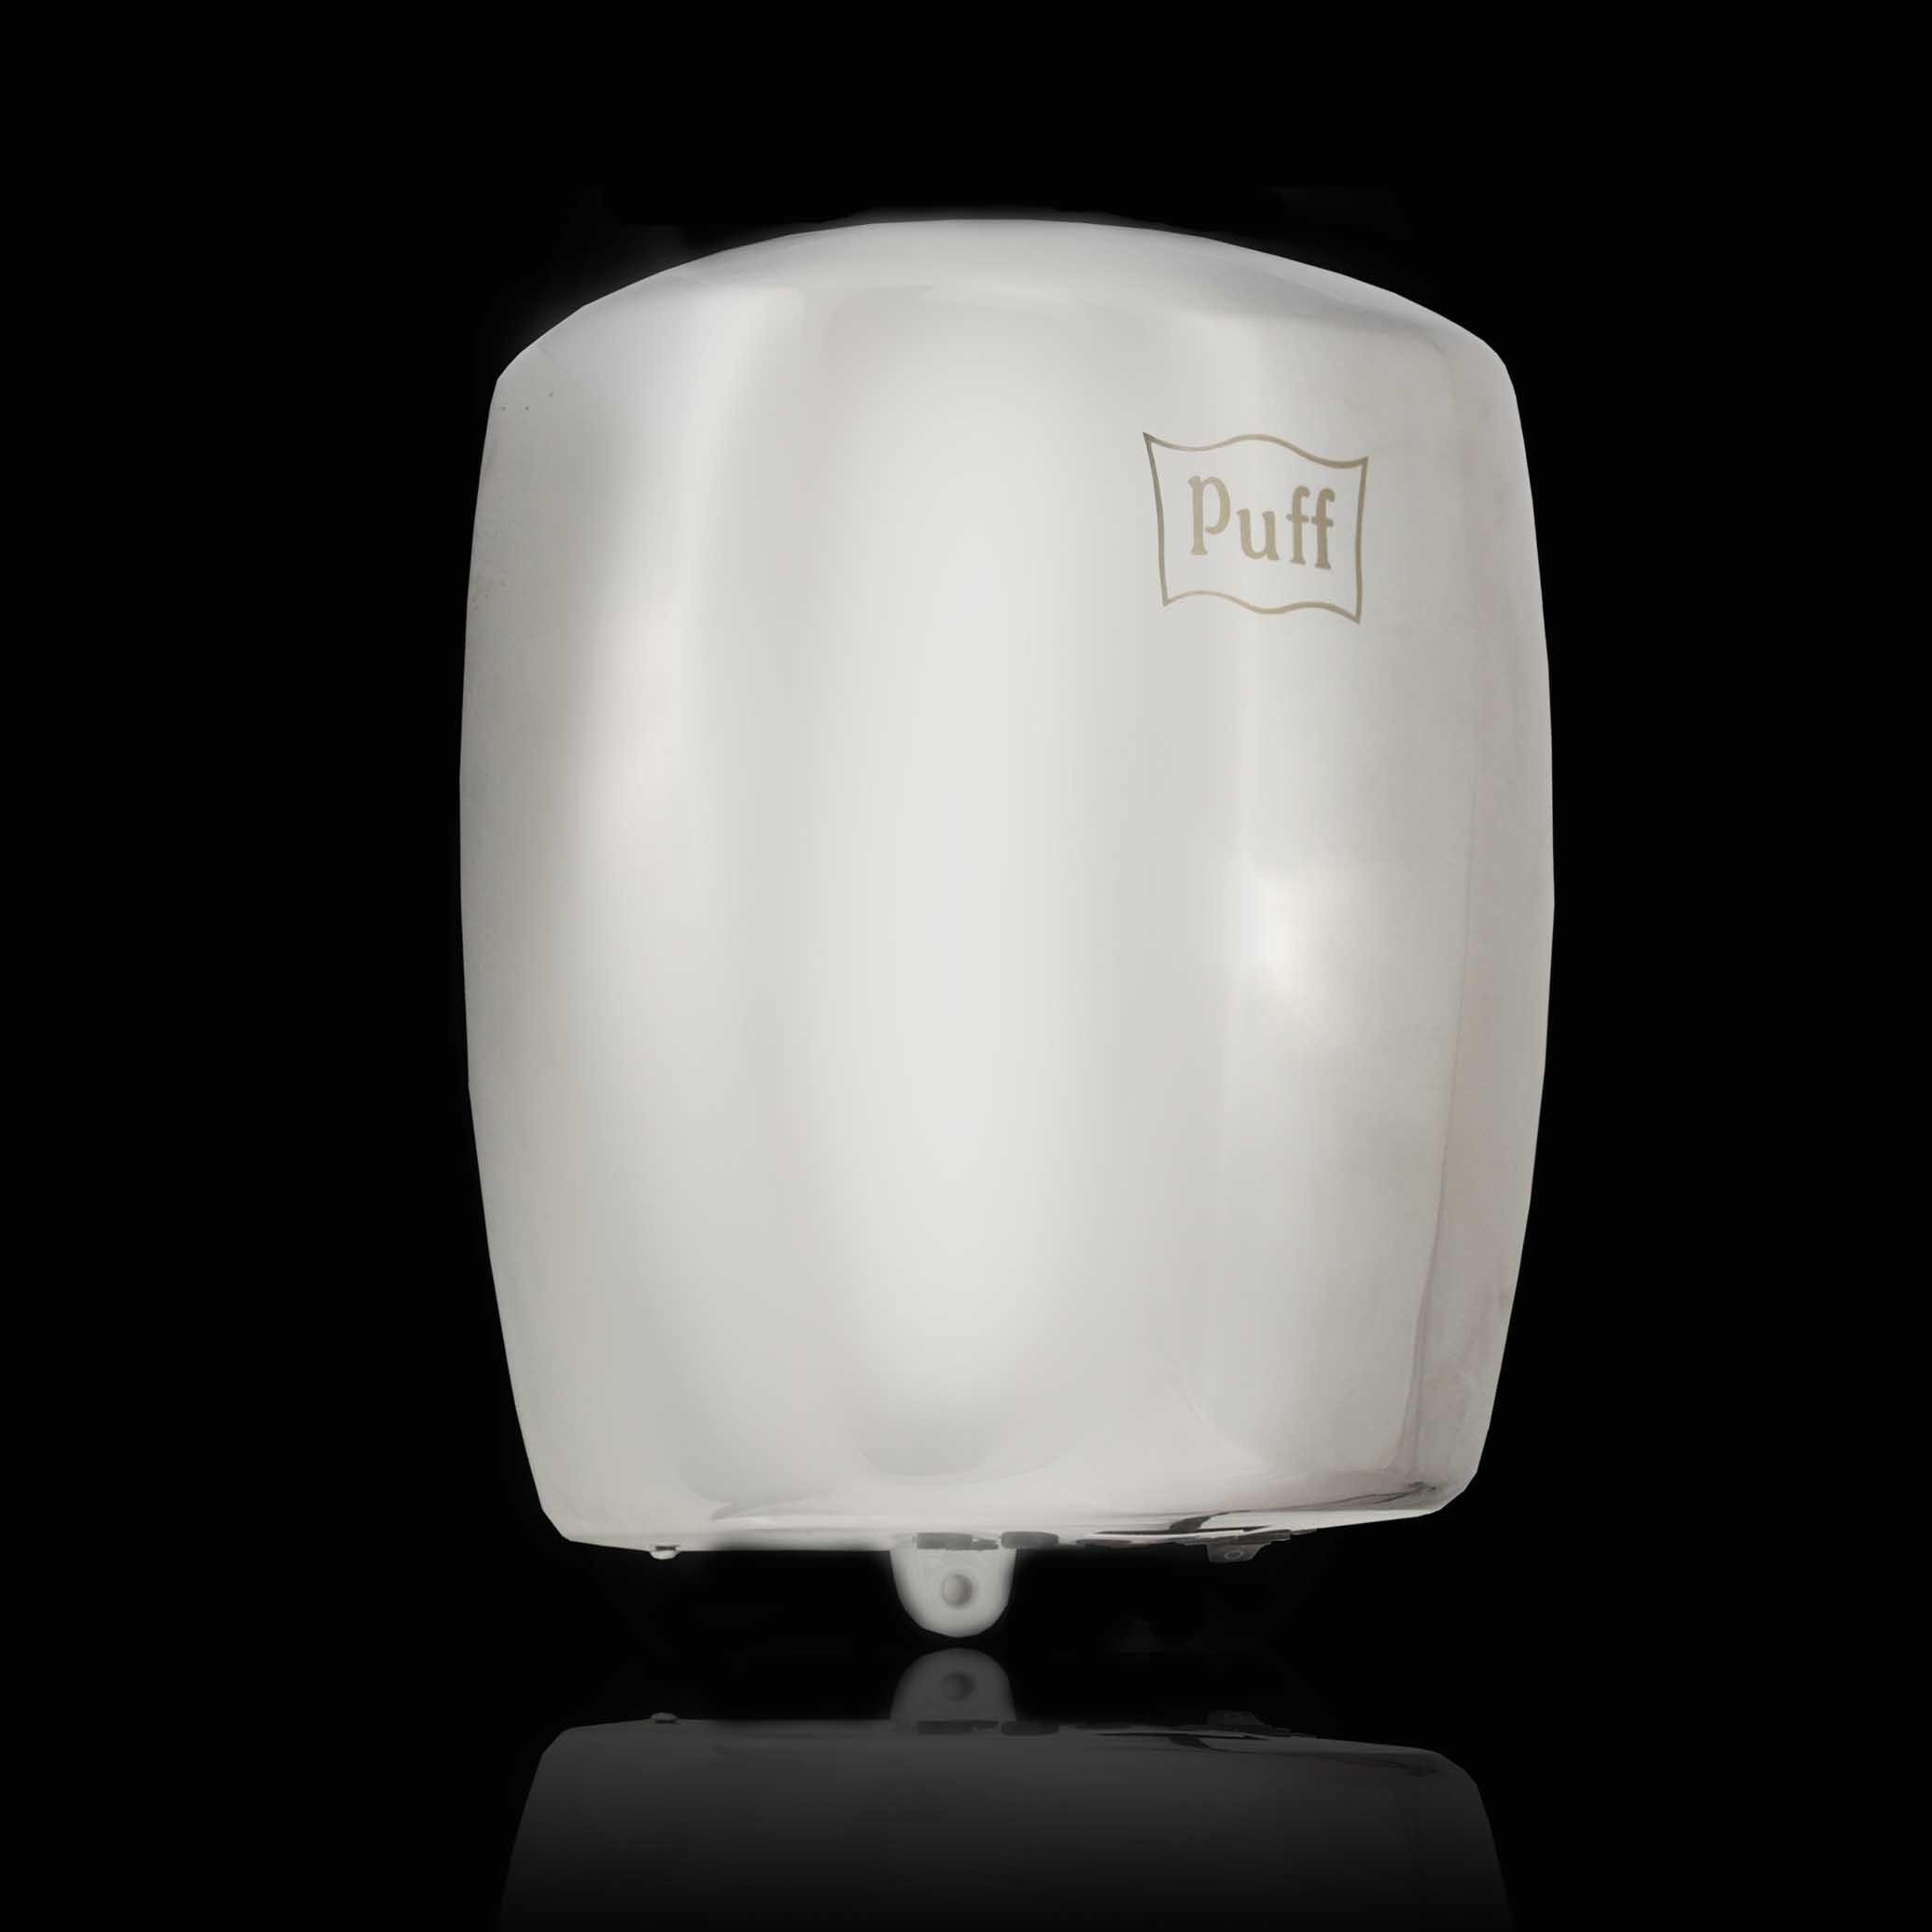 АнтивандальнаяВысокоскоростная сушилка для рукPuff-8887Подробнее Энергоэффективная! Облегченный вариант. Сочетает в себе такие параметры как качество, экономичность и интересный дизайн. Есть кнопка переключения холодный/горячий воздух. Материал корпуса: нержавеющая стальЦвет: хромМощность (Вт): 1200Скорость воздушного потока (м/сек): 80Время сушки рук (сек): 5-7Механизм включения: автоматическийОбласть срабатывания сенсора, см: 5-20Уровень шума, дБ: 70Температура воздушного потока,23/54 С 2 режима - холодный/горячий воздухКласс влагозащищенности: IPX1Защита от перегрева/перегрузки: даВес брутто/нетто, кг: 3.5/3Габаритные размеры (мм) (ШхГхВ): 210х182х270Гарантия: 12 мес.